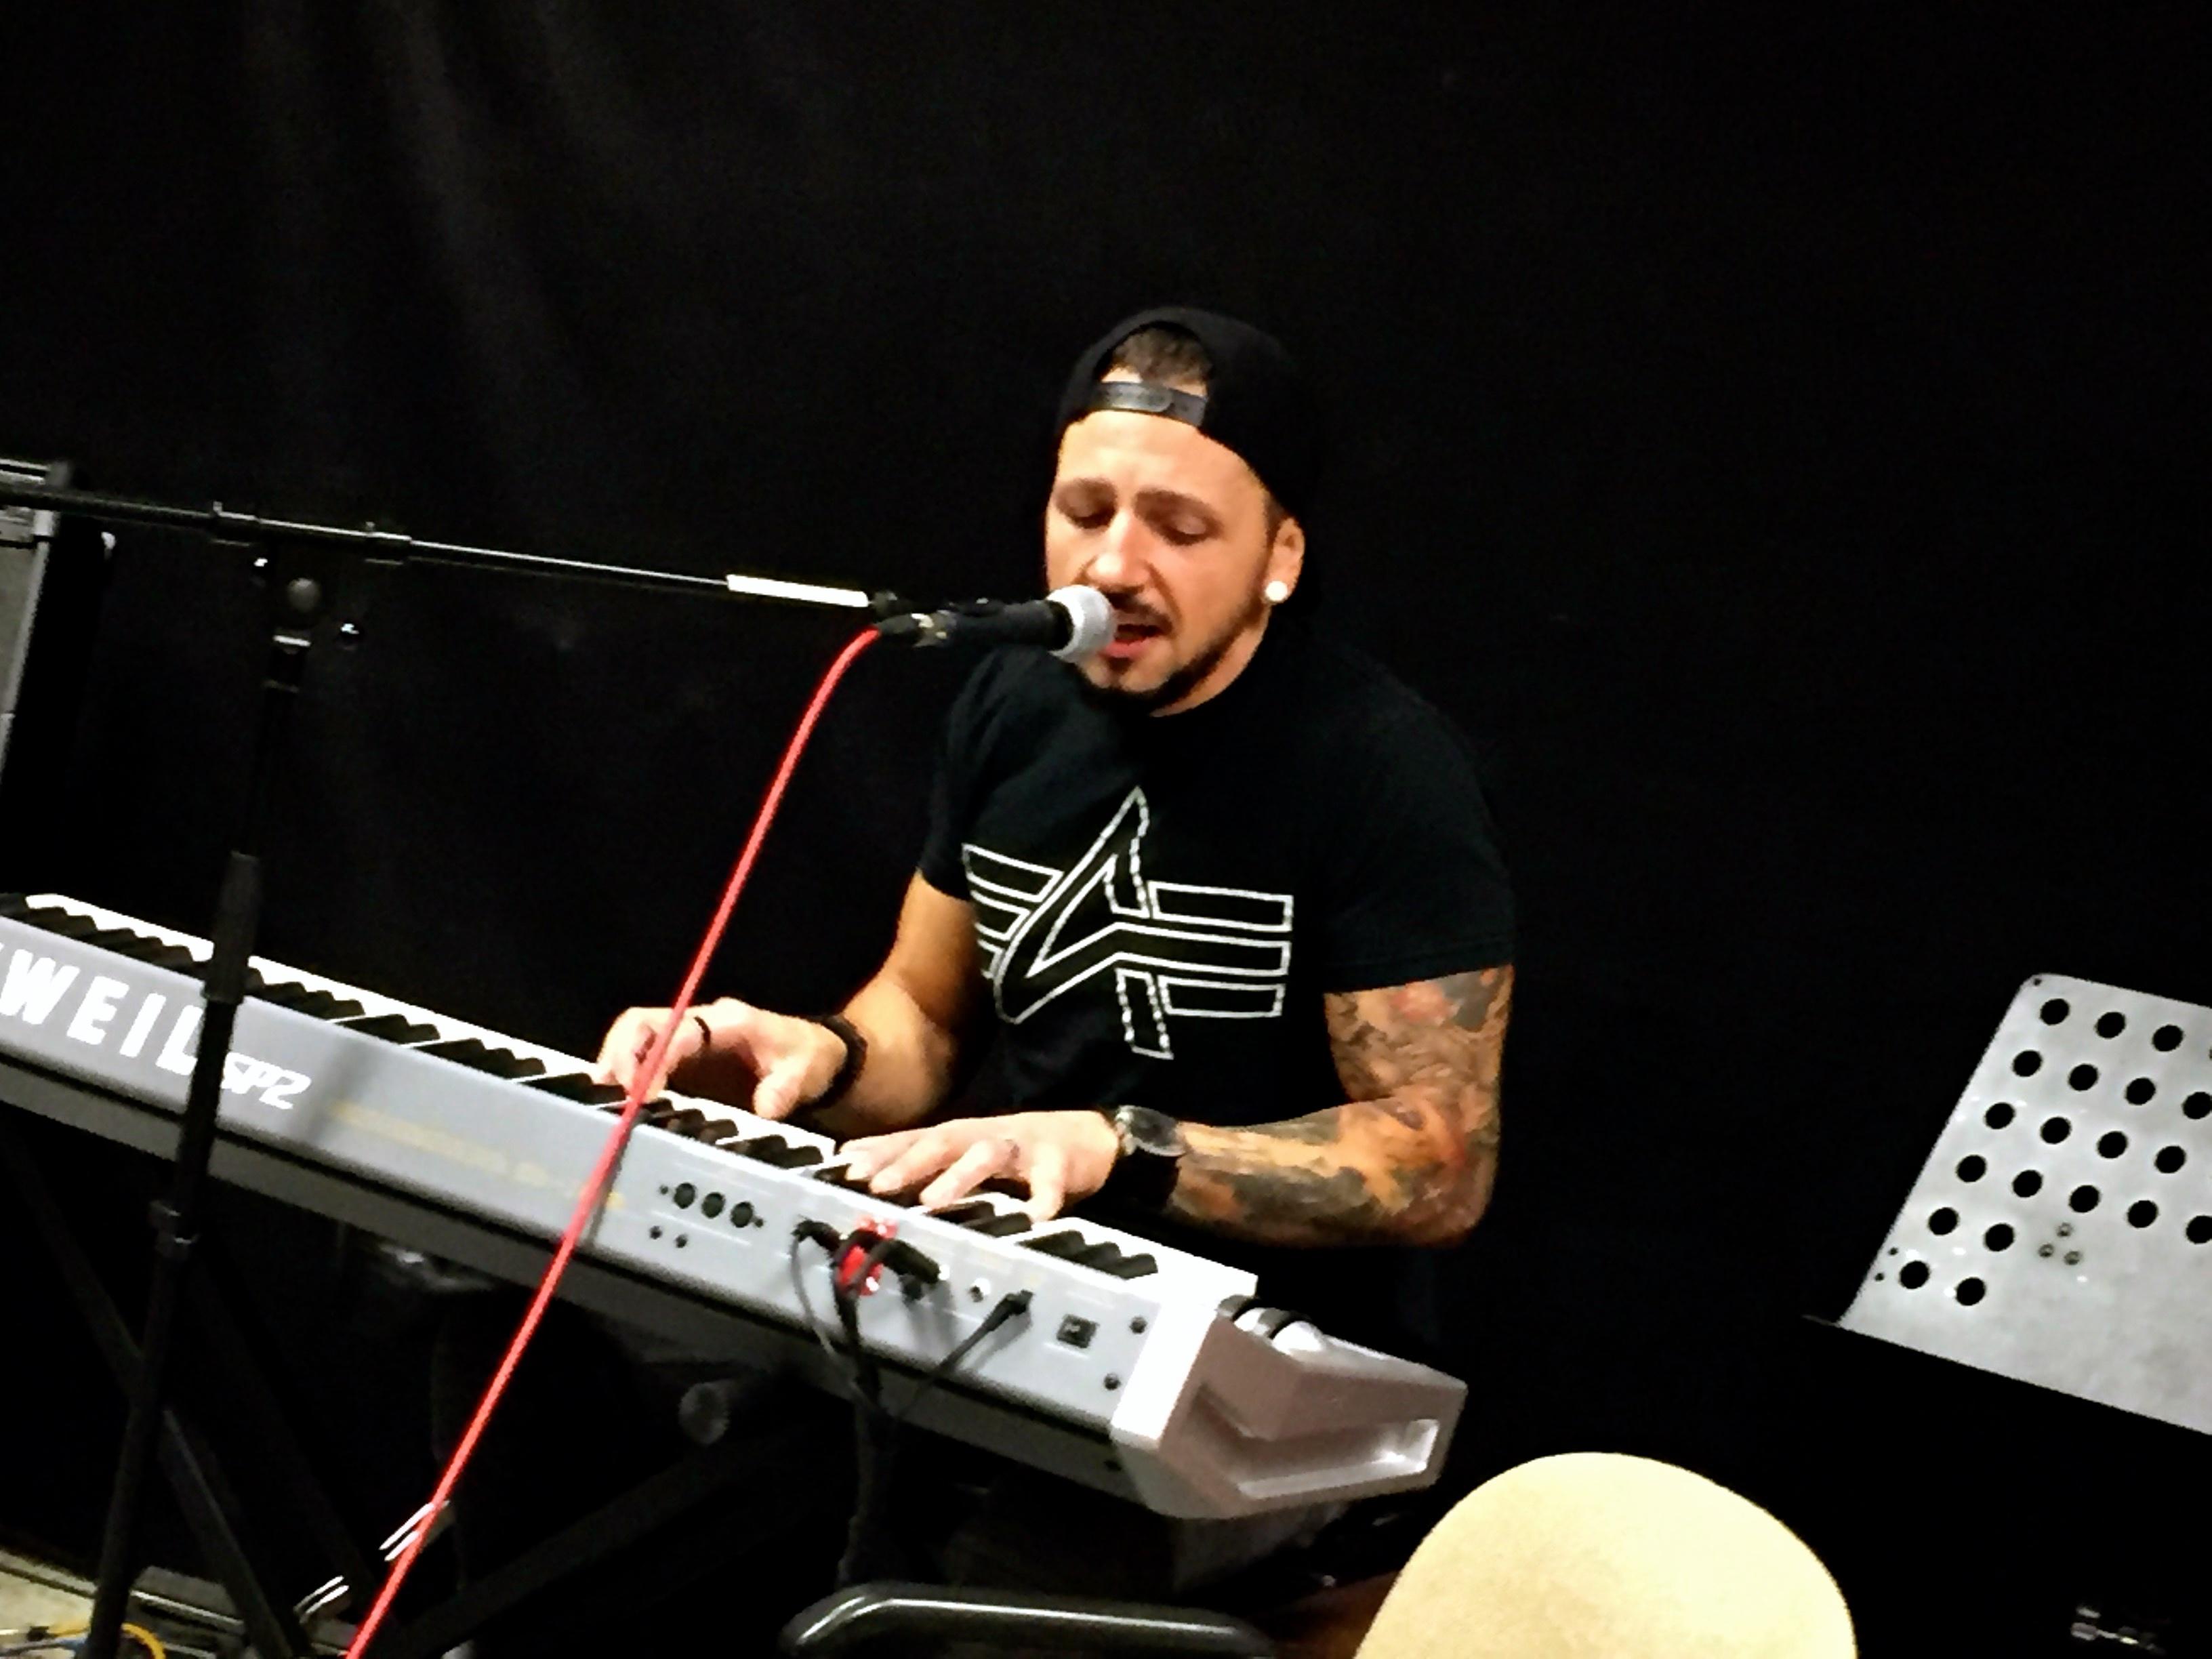 Chahid mit seiner Songvorstellung am Piano